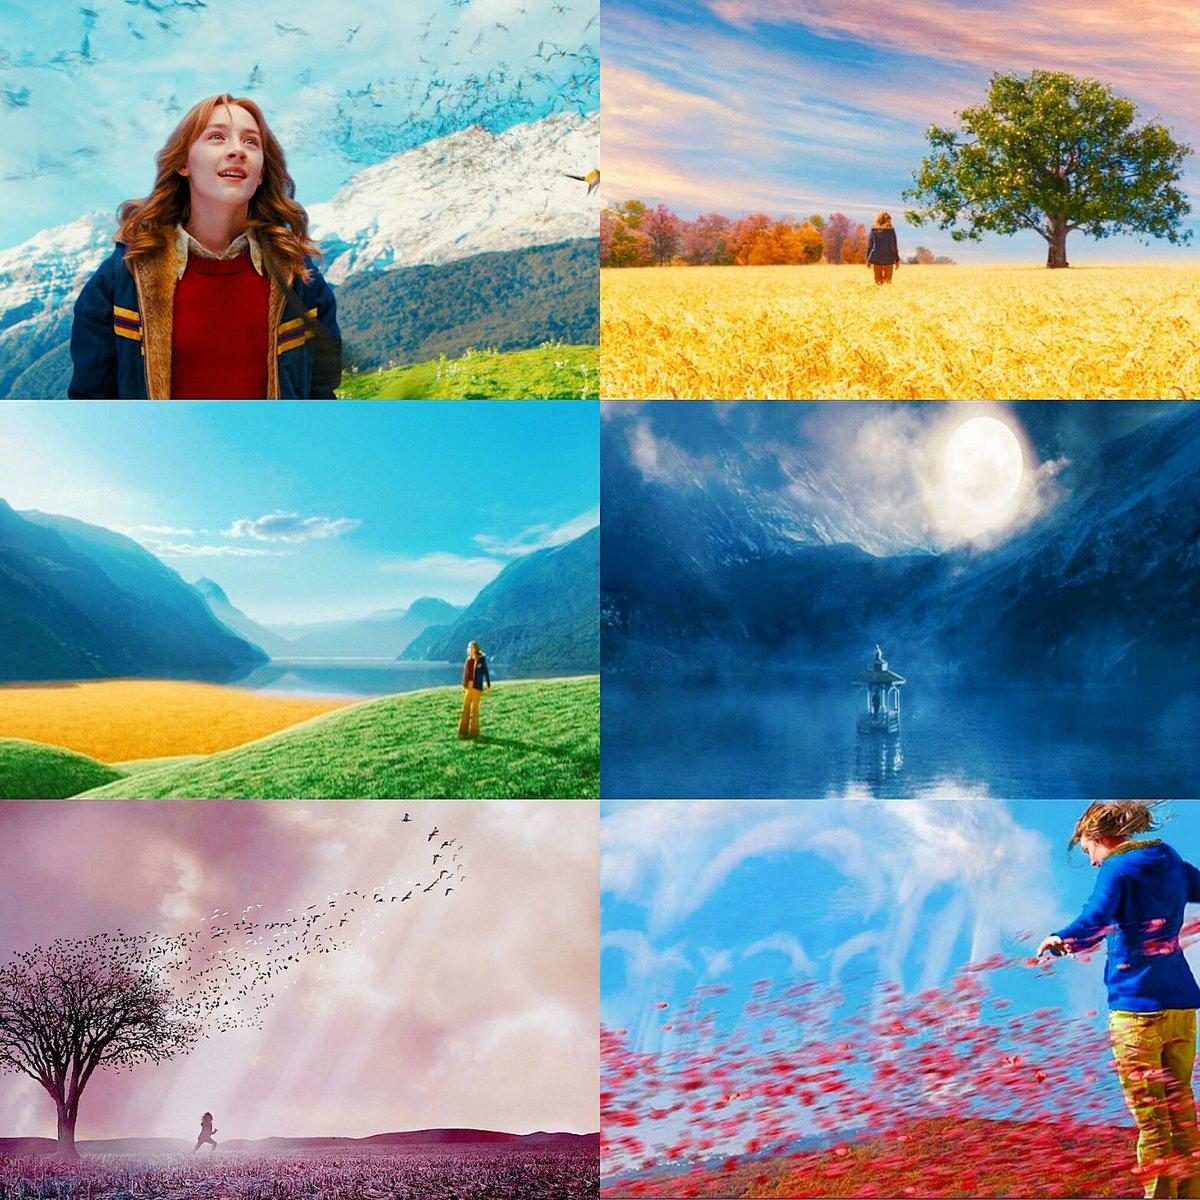 アマゾンプライムで観れる死後の世界が美しすぎる映画「ラブリーボーン」変質者に殺されてしまったスージー。犯人が見つからず、天国とこの世を彷徨い続けながら家族や初恋の人を見守り続けるスピリチュアルファンタジーでありながらサスペンスでもある特殊な作品でオススメです☁